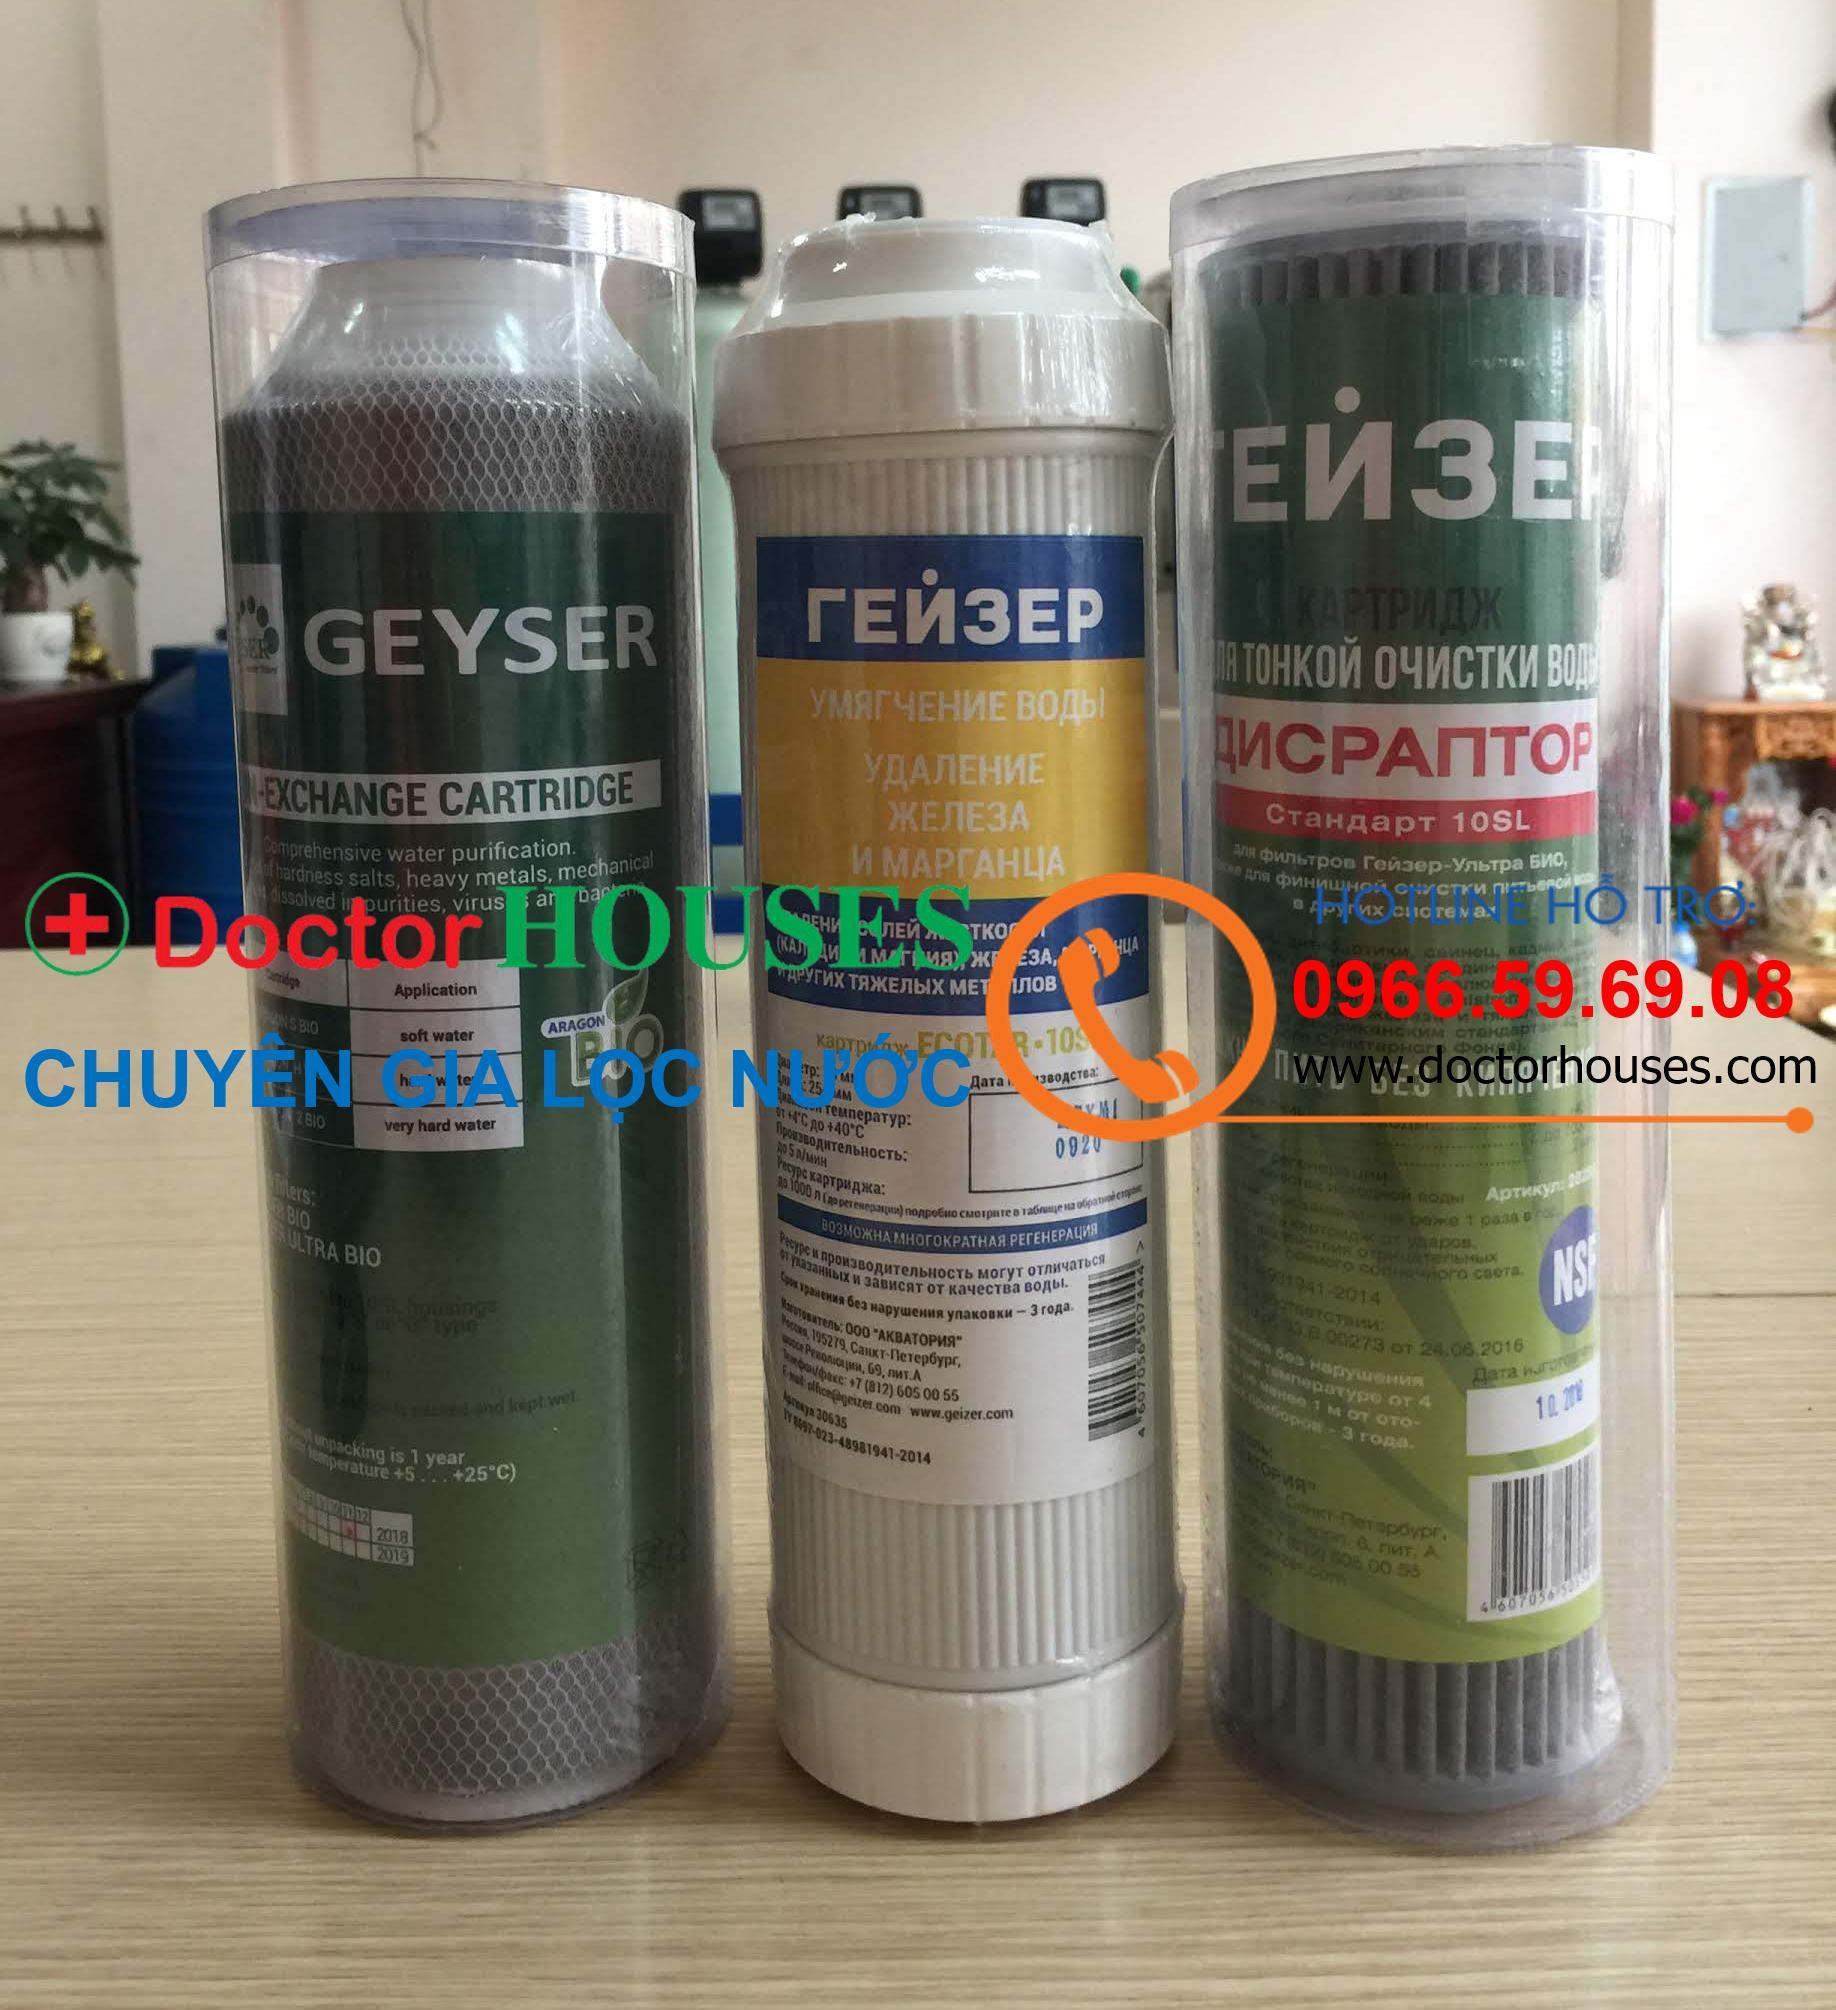 Bộ lõi lọc 1,2,3 Máy lọc nước ecotar 4